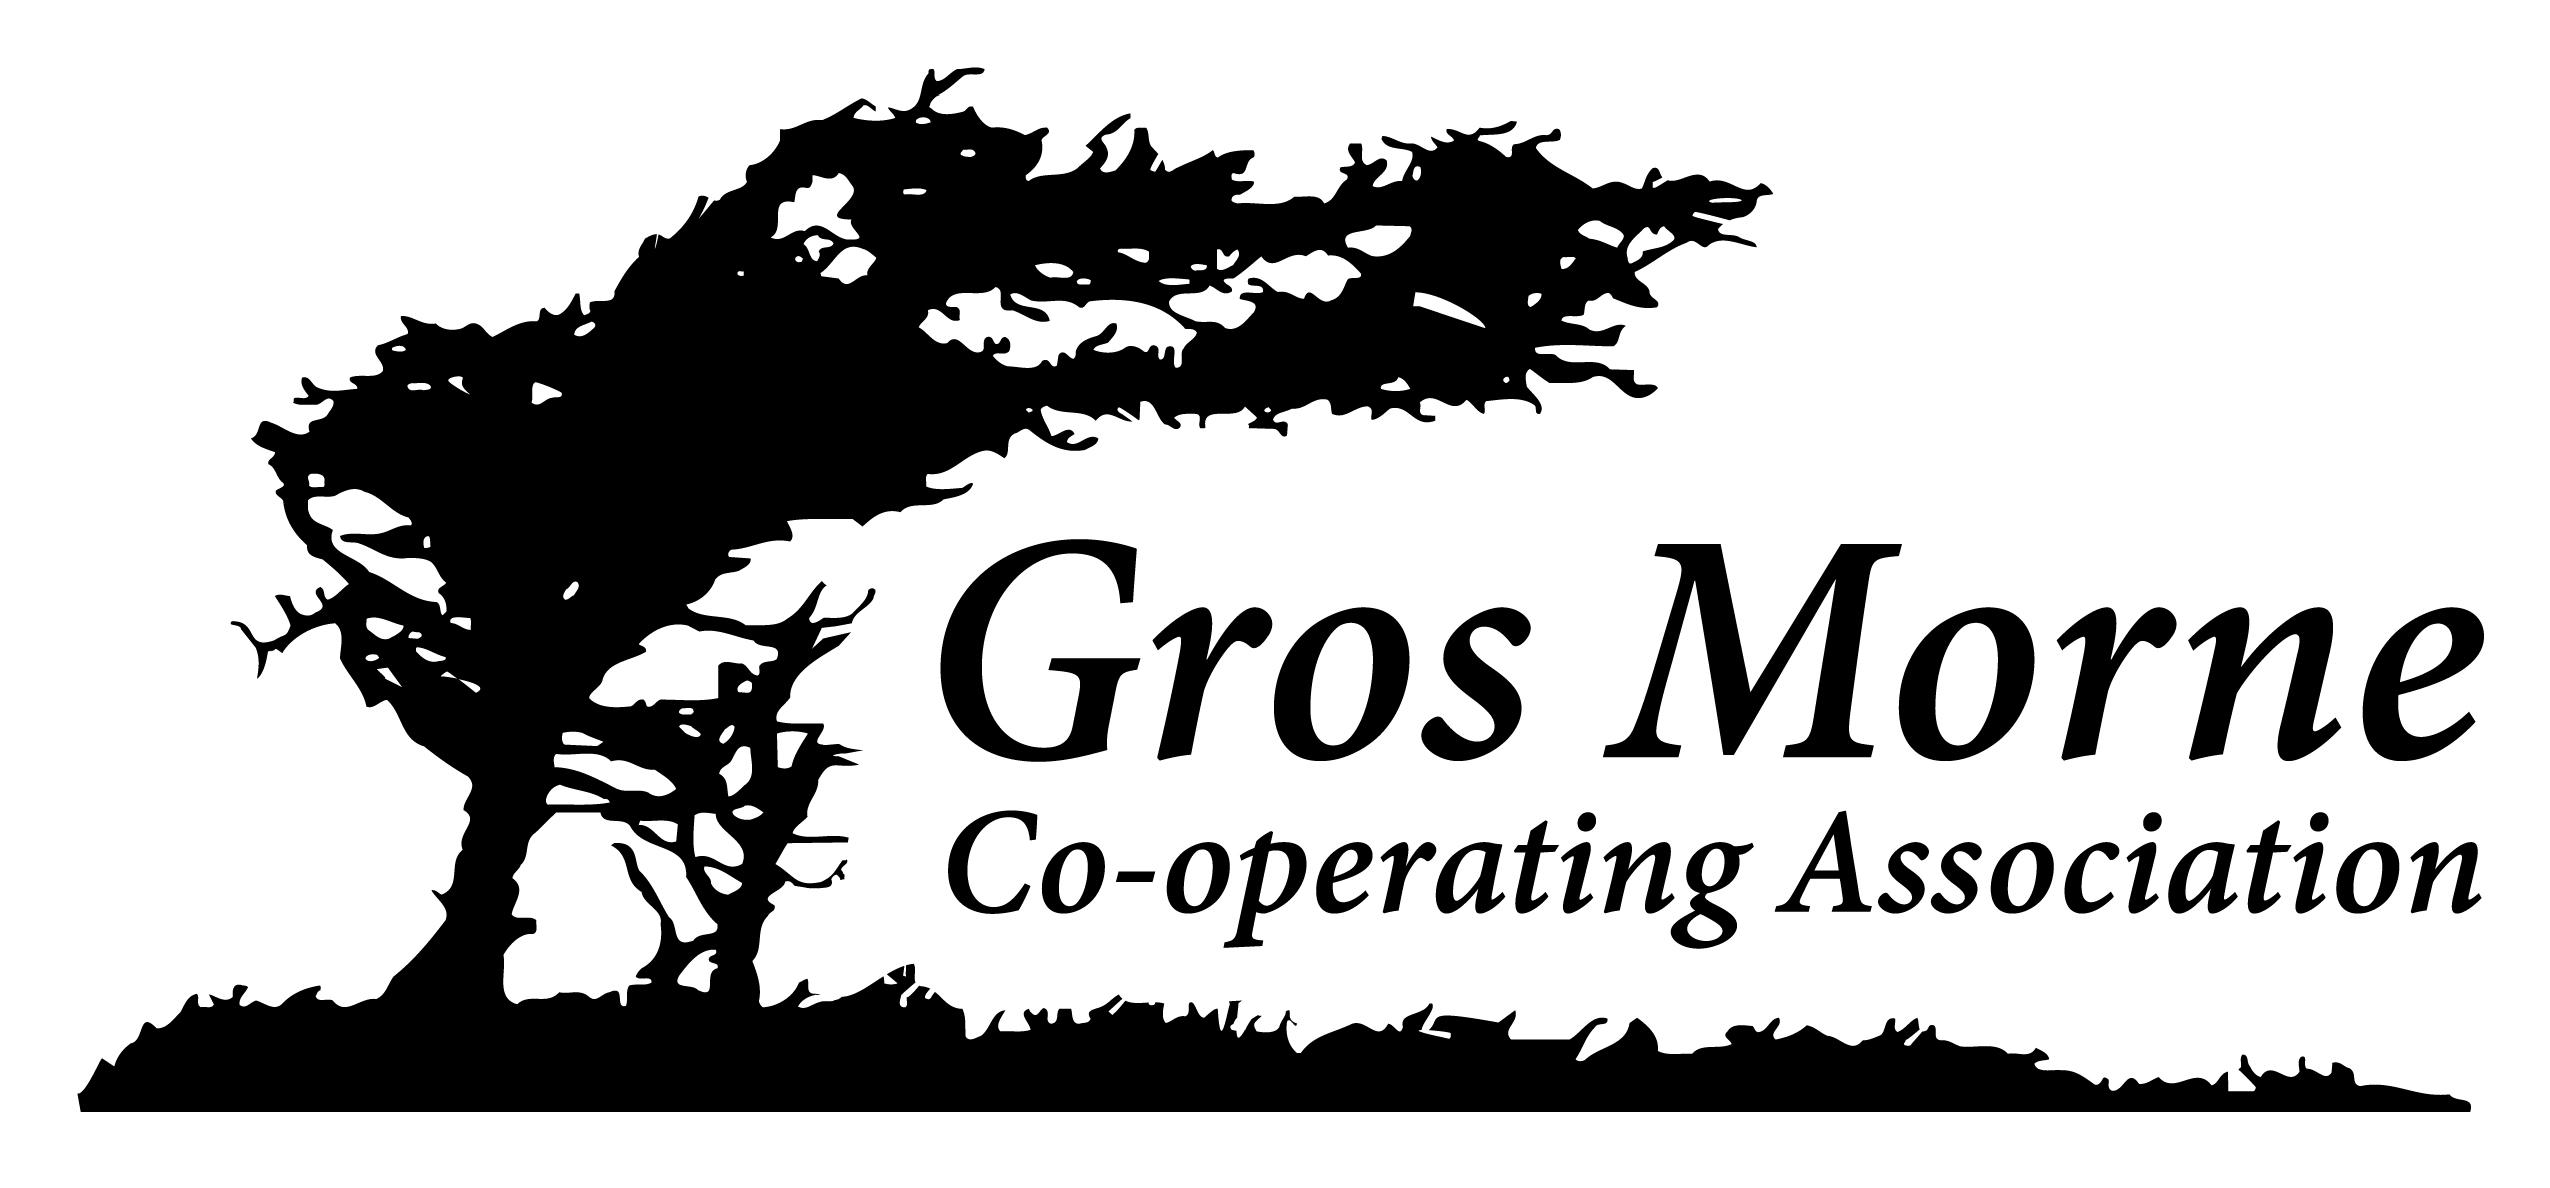 GrosMorneCoopLogo-01